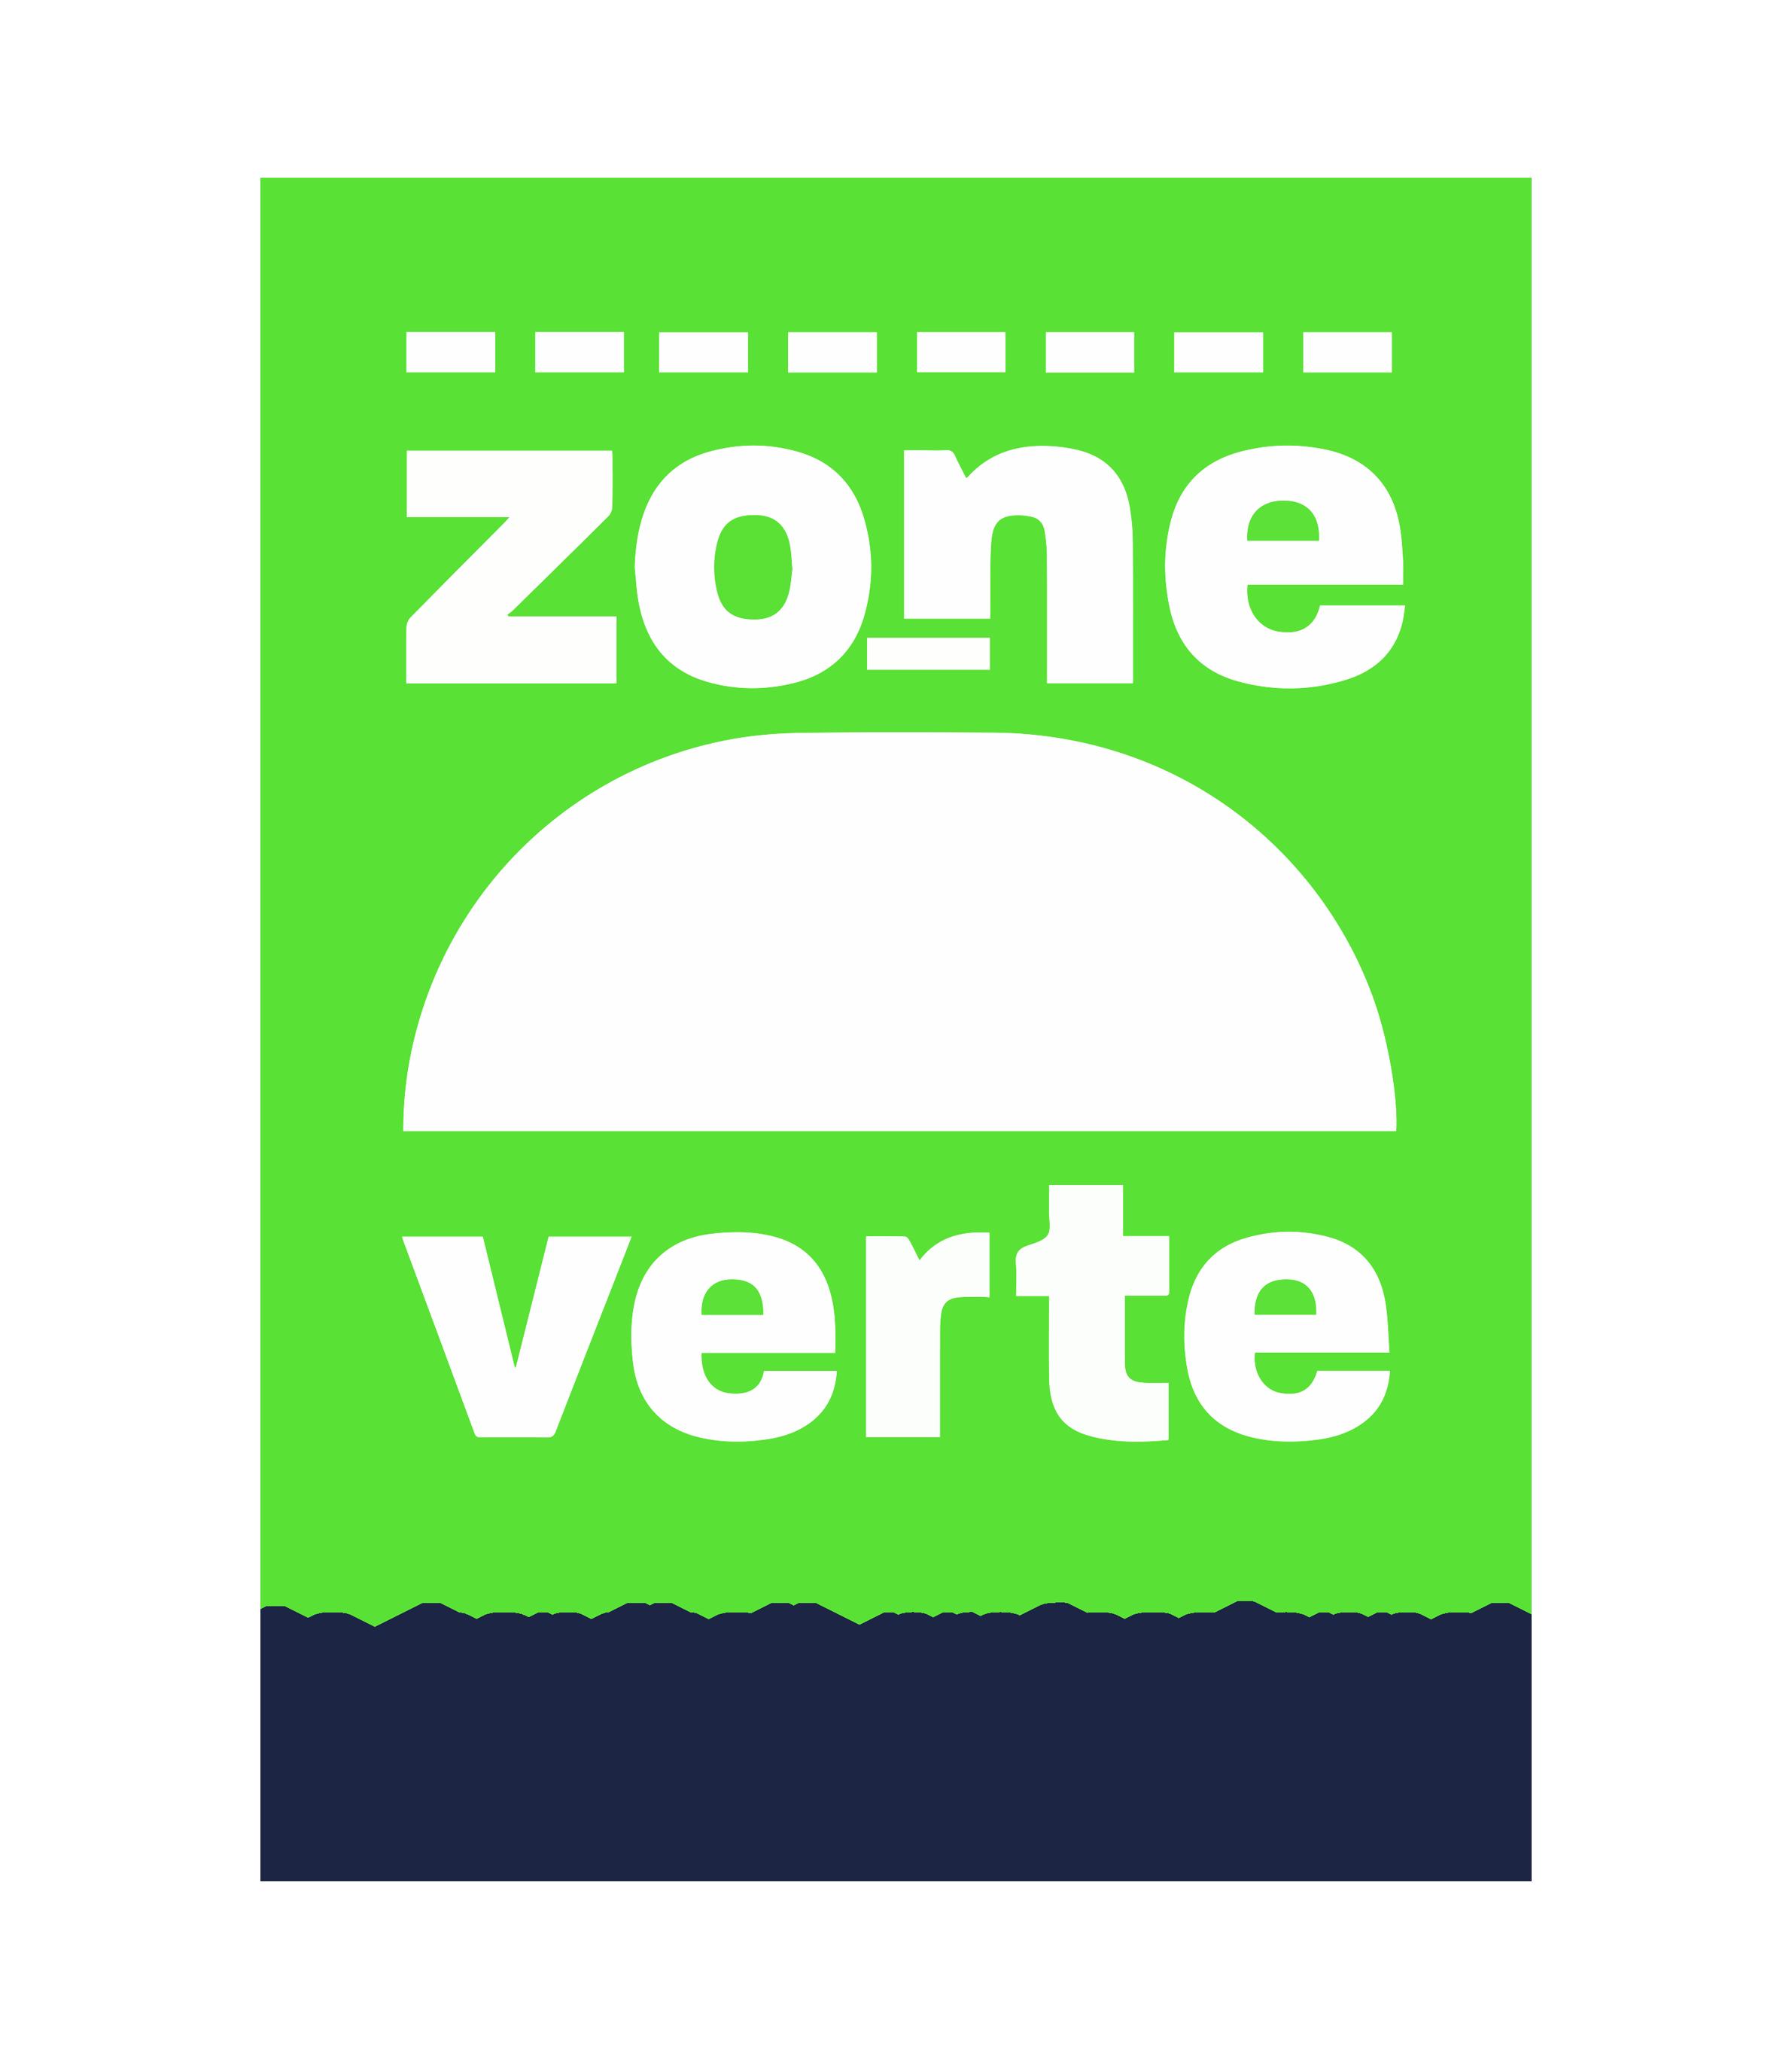 https://www.ajph.fr/wp-content/uploads/2021/02/baseline_verticale_zone_verte_pour_la_planète.png